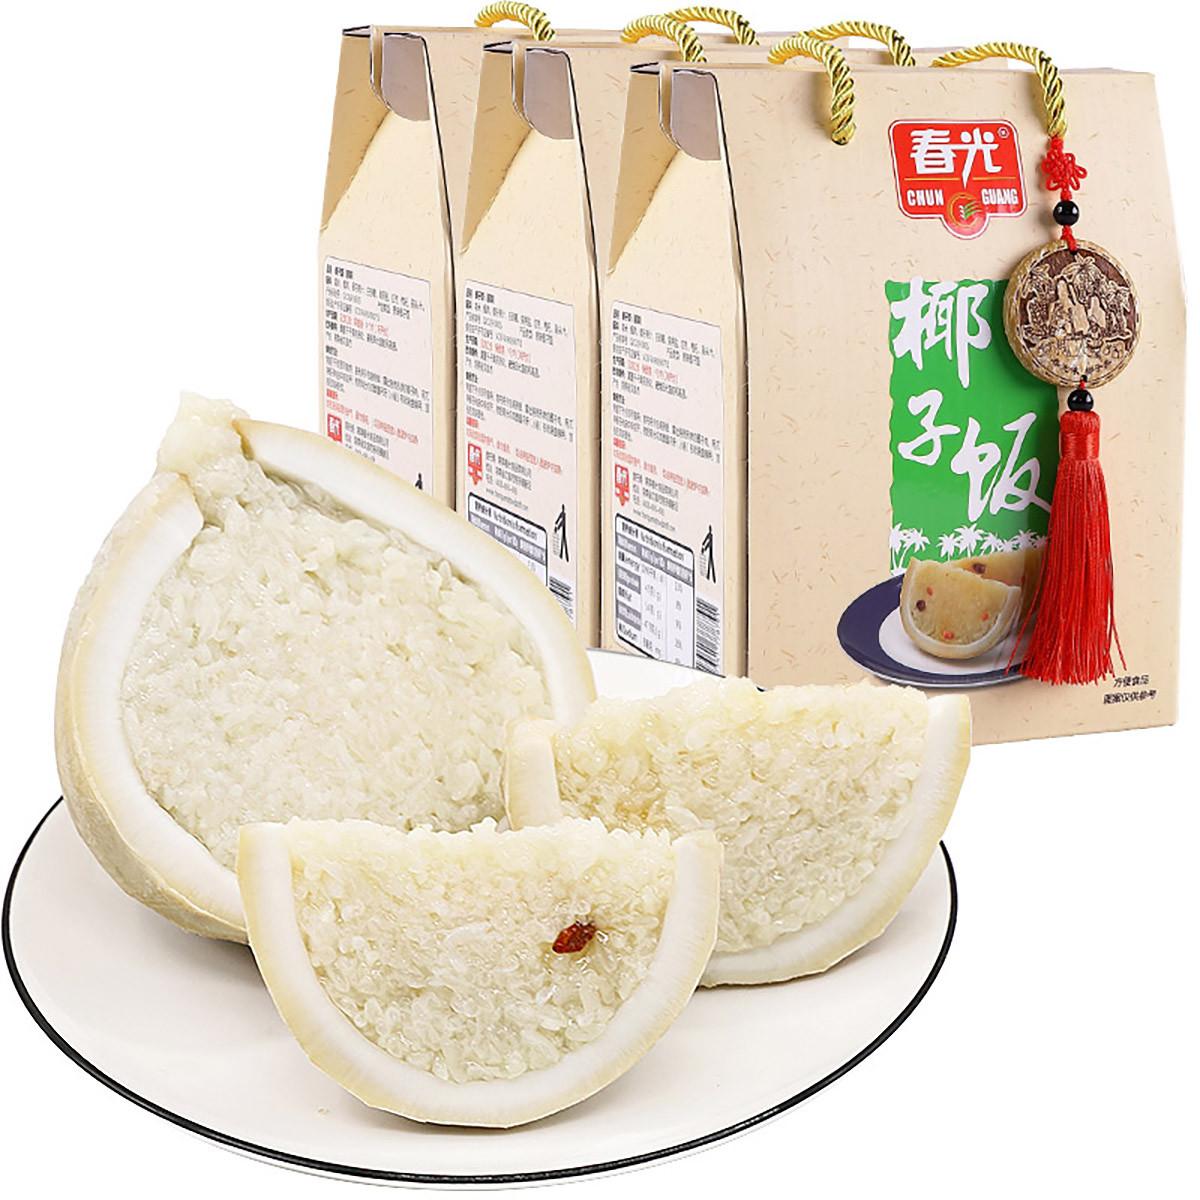 春光海南特产 休闲零食 原味椰子饭538g*3盒装COLOR其它颜色